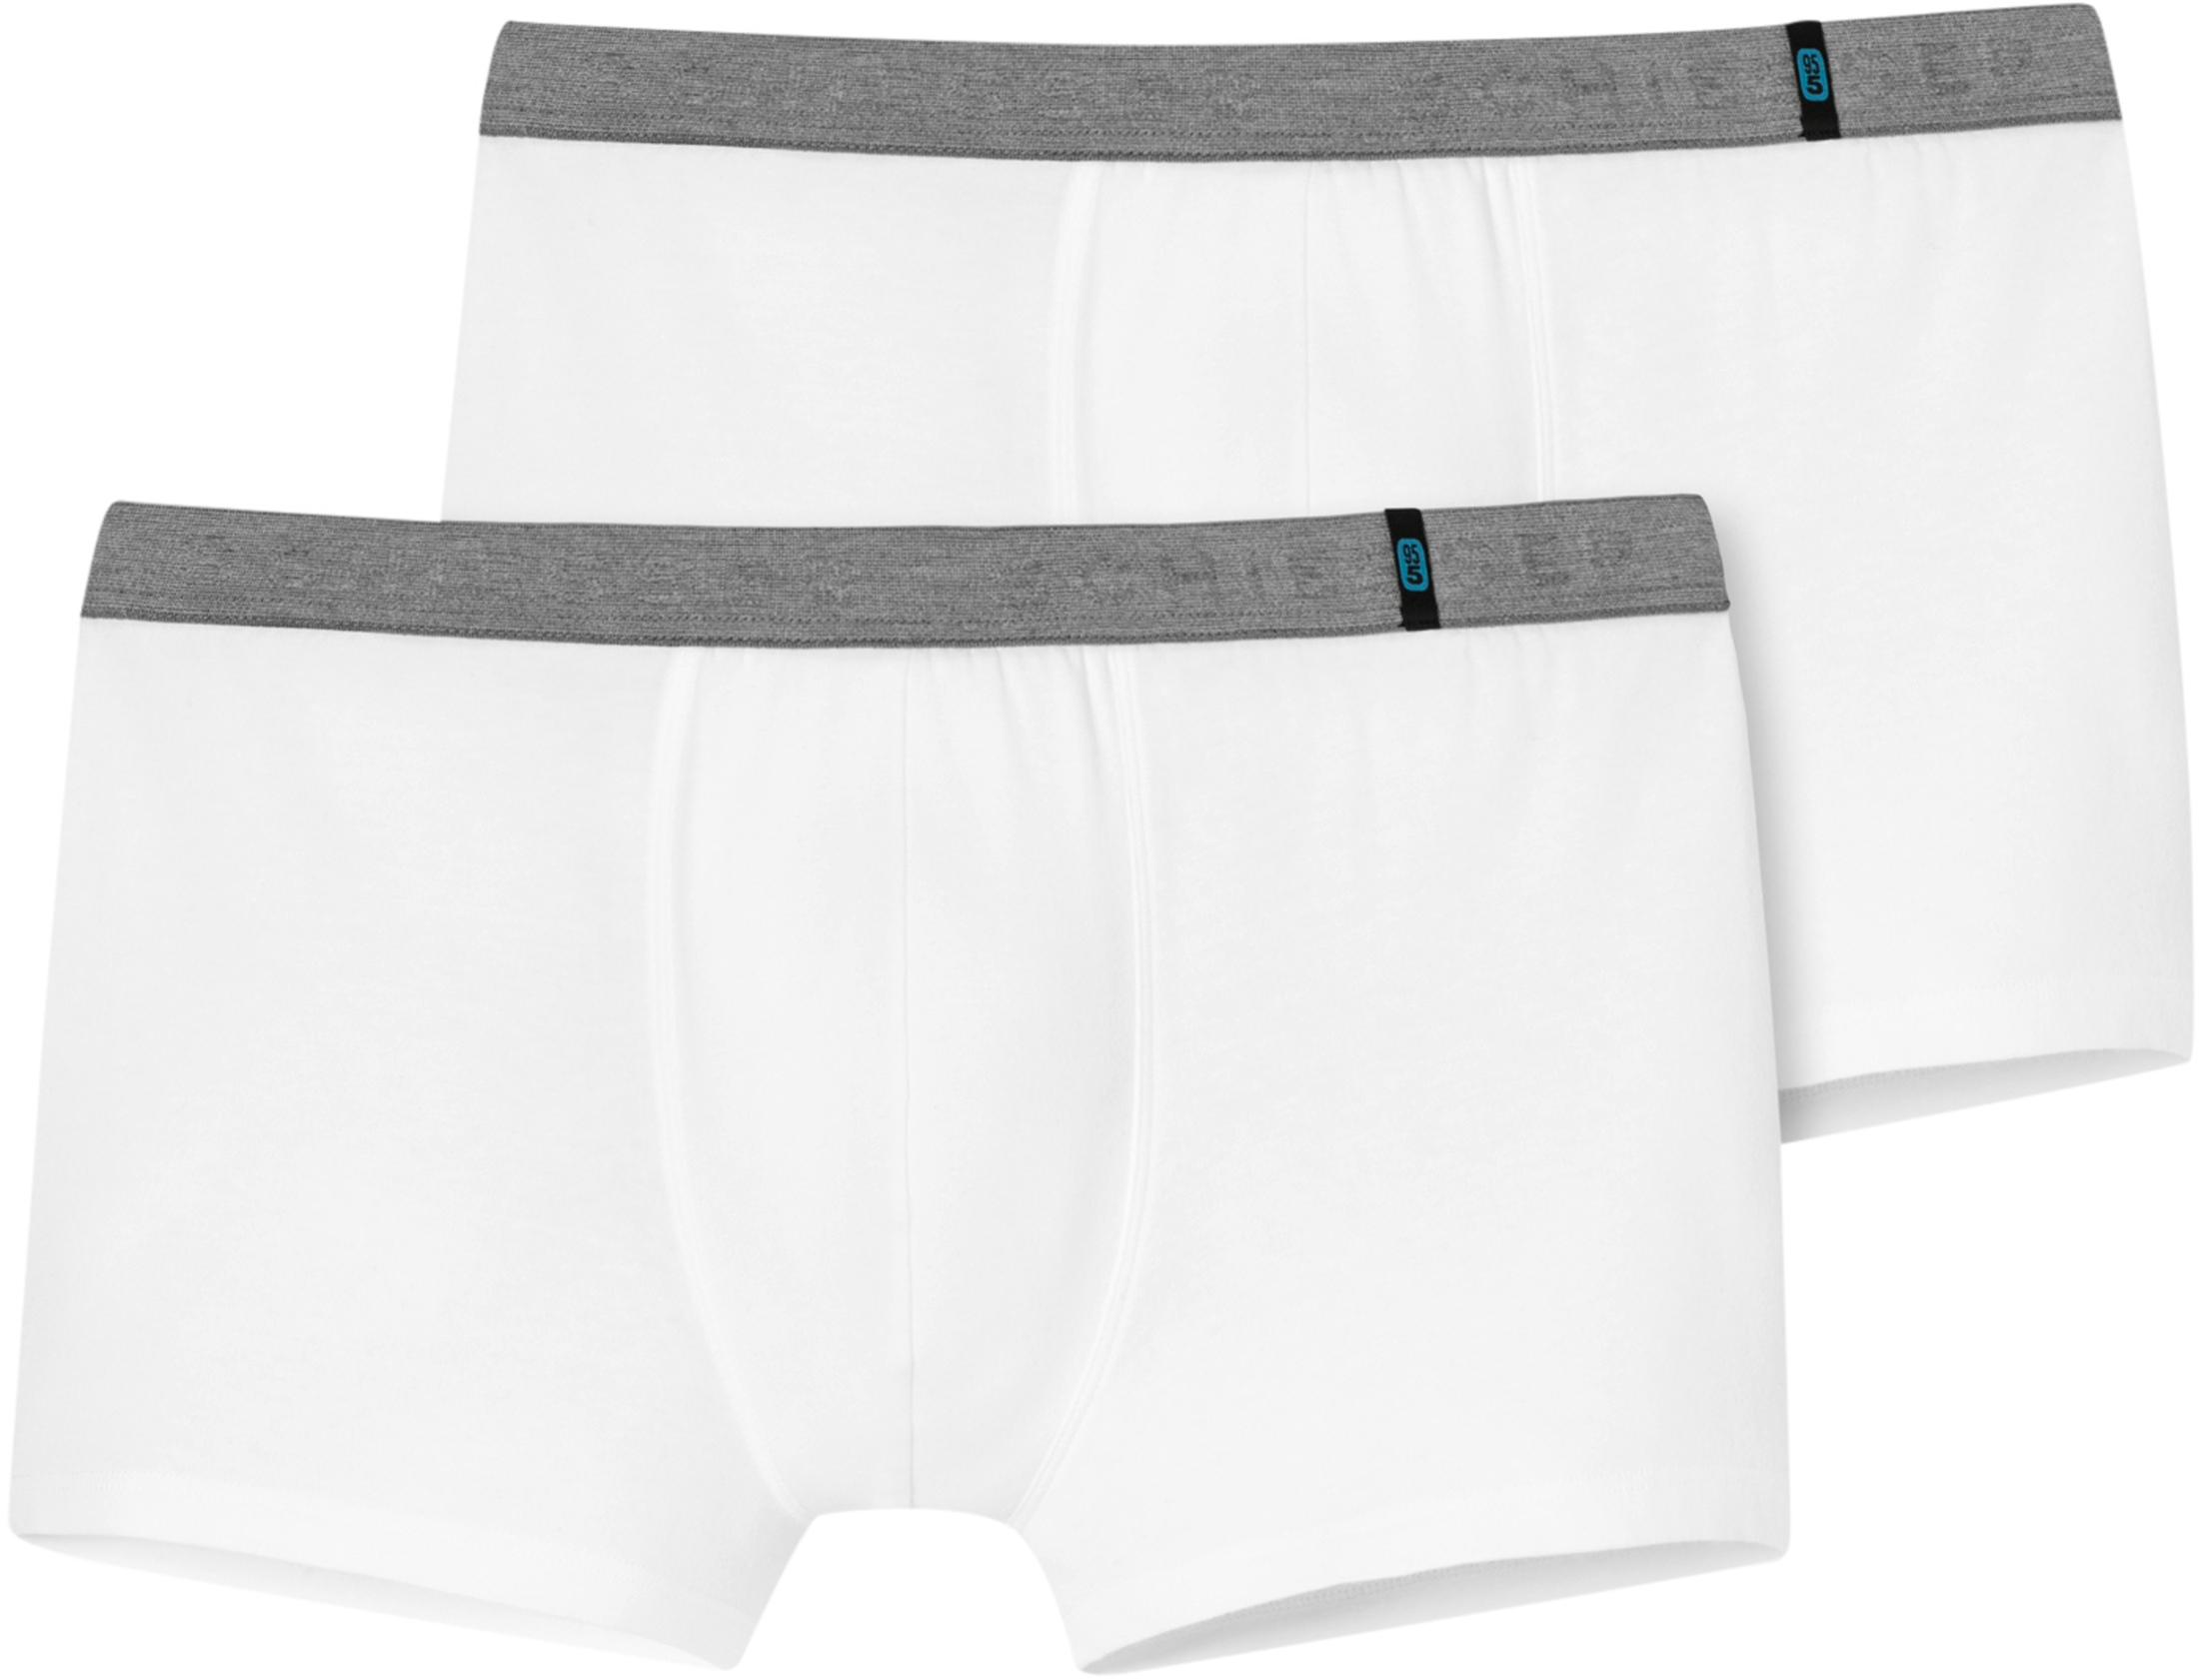 Schiesser Boxershort White Grey (2Pack)